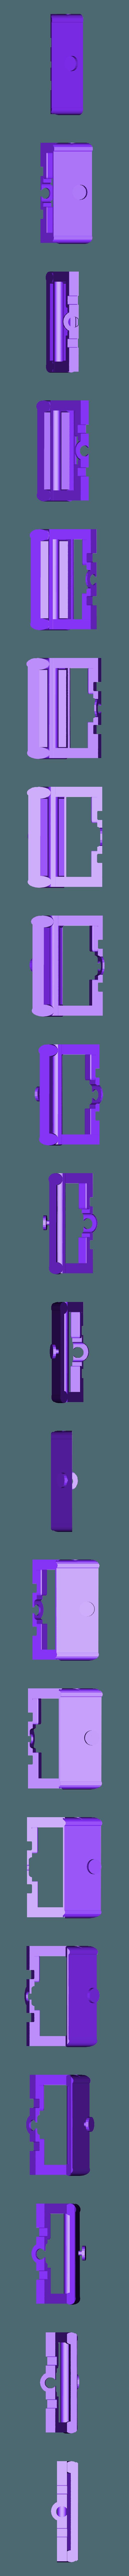 drip_VAT_Orange_10_1.stl Download free STL file Drip VAT LONGER Orange 10 • 3D printable object, herve3